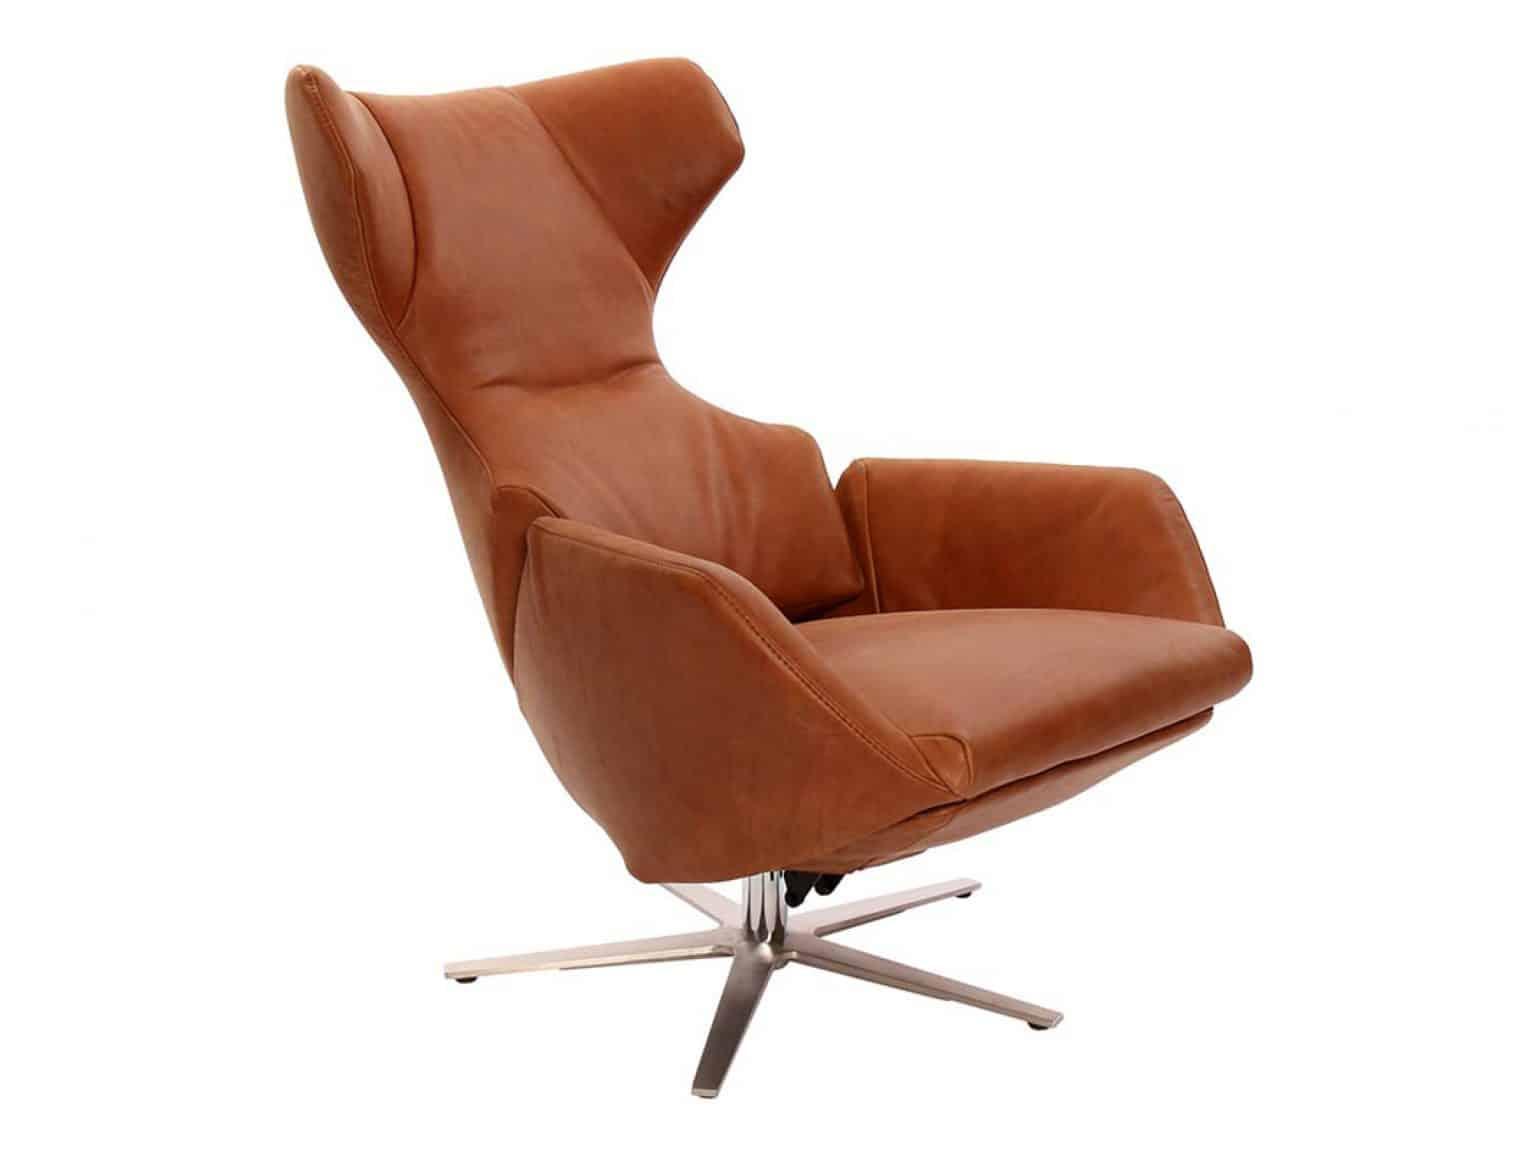 Gealux fauteuil Arc 4001 sf